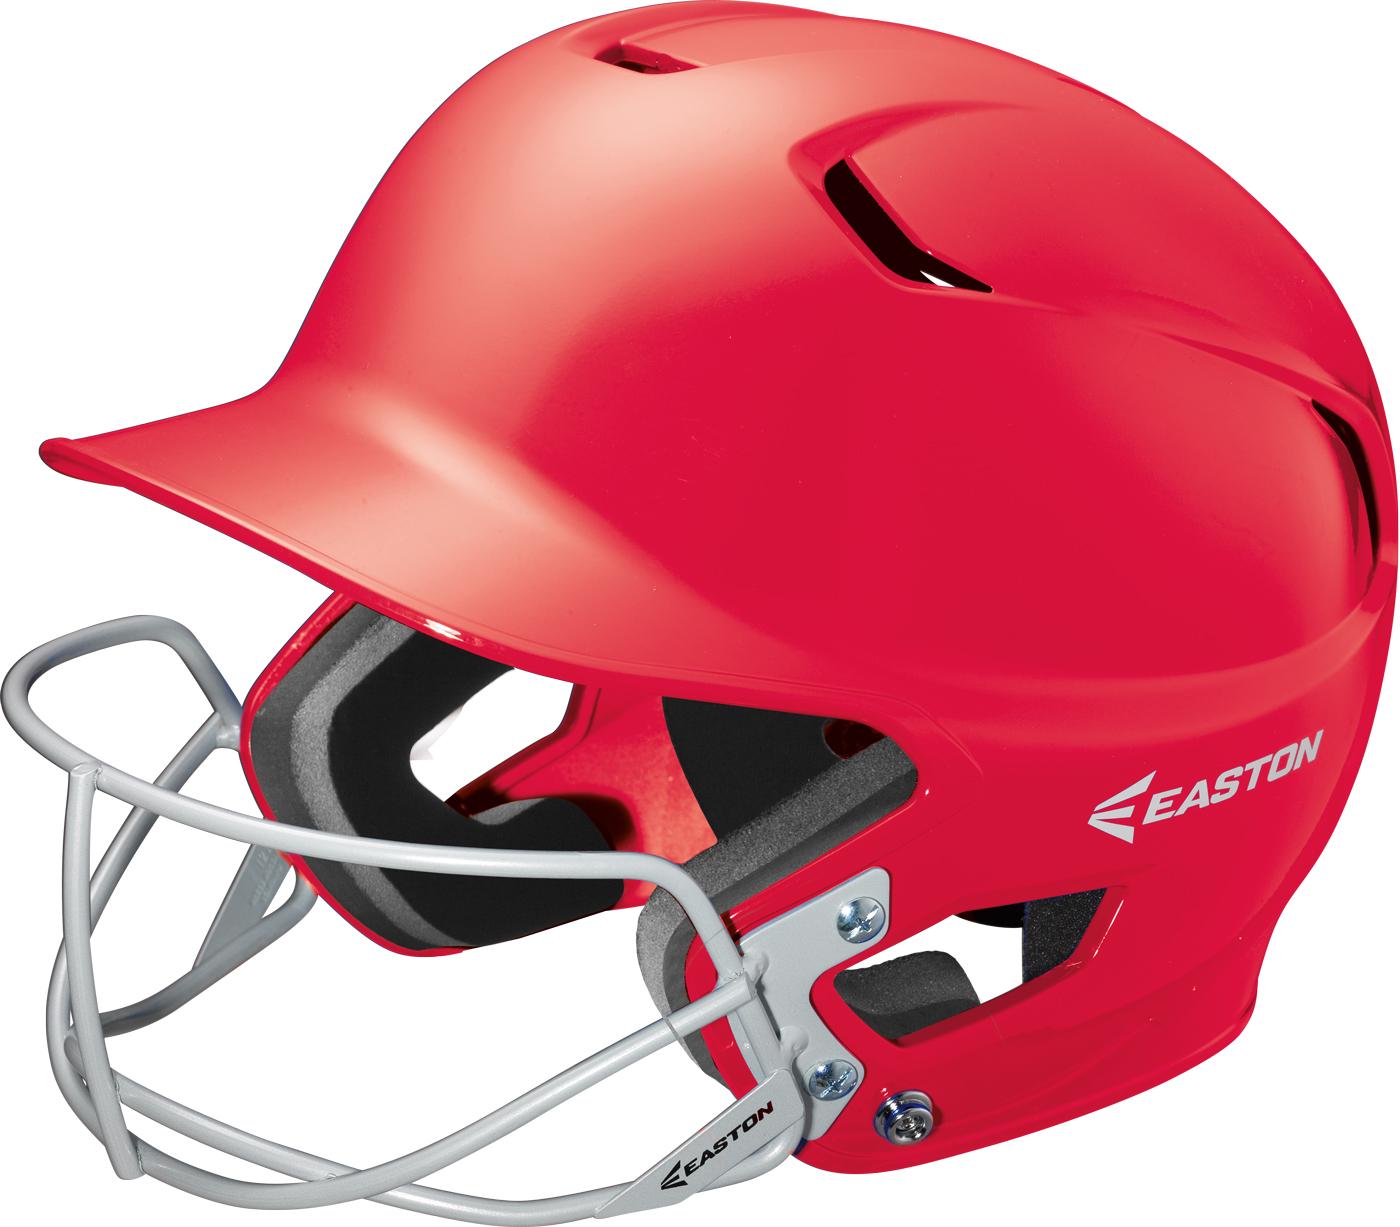 Easton Z5 Bbsb Mask Junior Baseball Batting Helmet